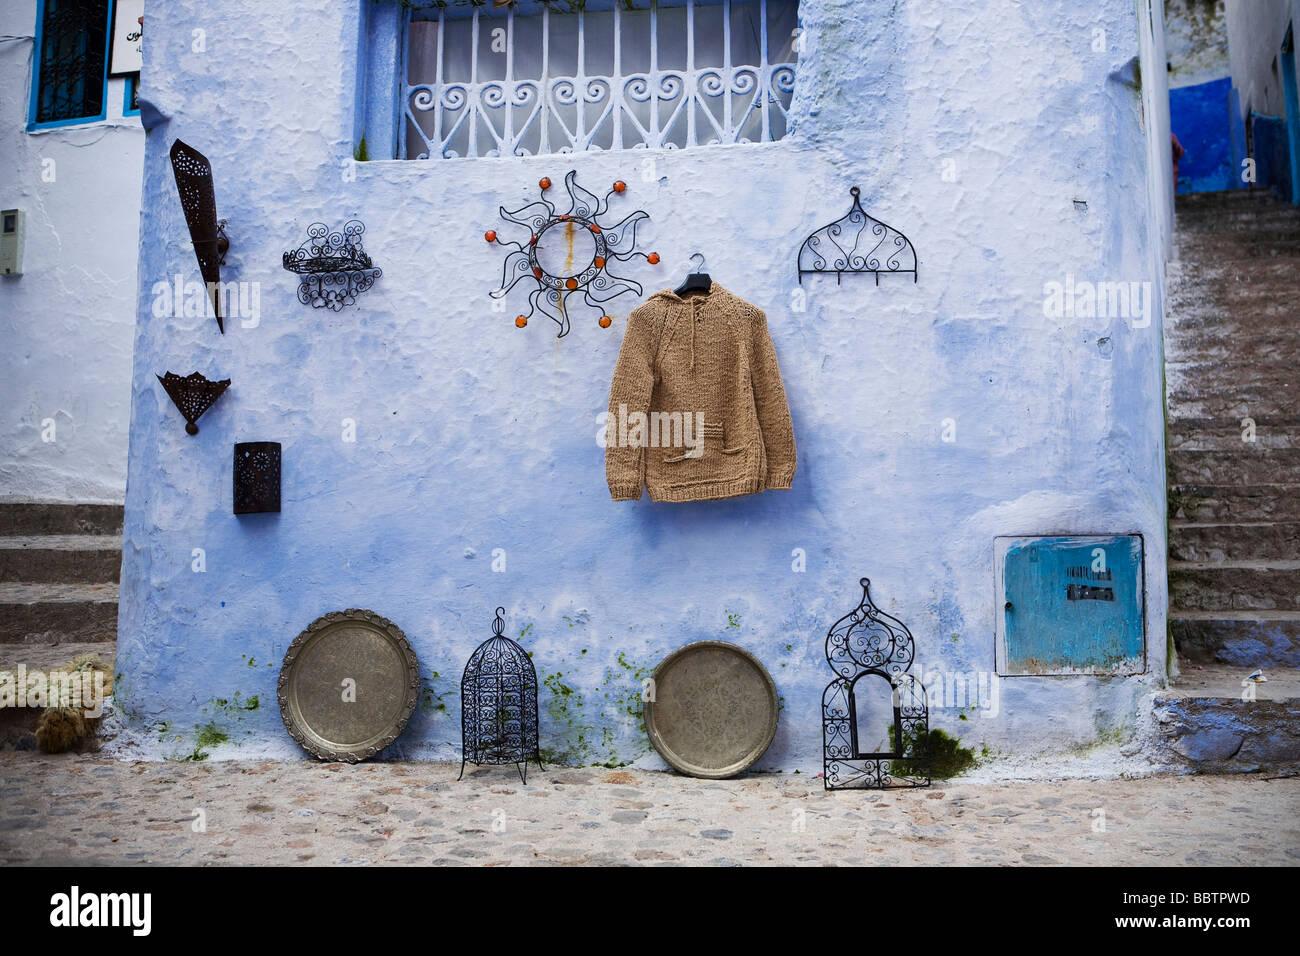 Elementi appeso a una parete, Chefchaouen, Marocco, Africa del Nord Immagini Stock